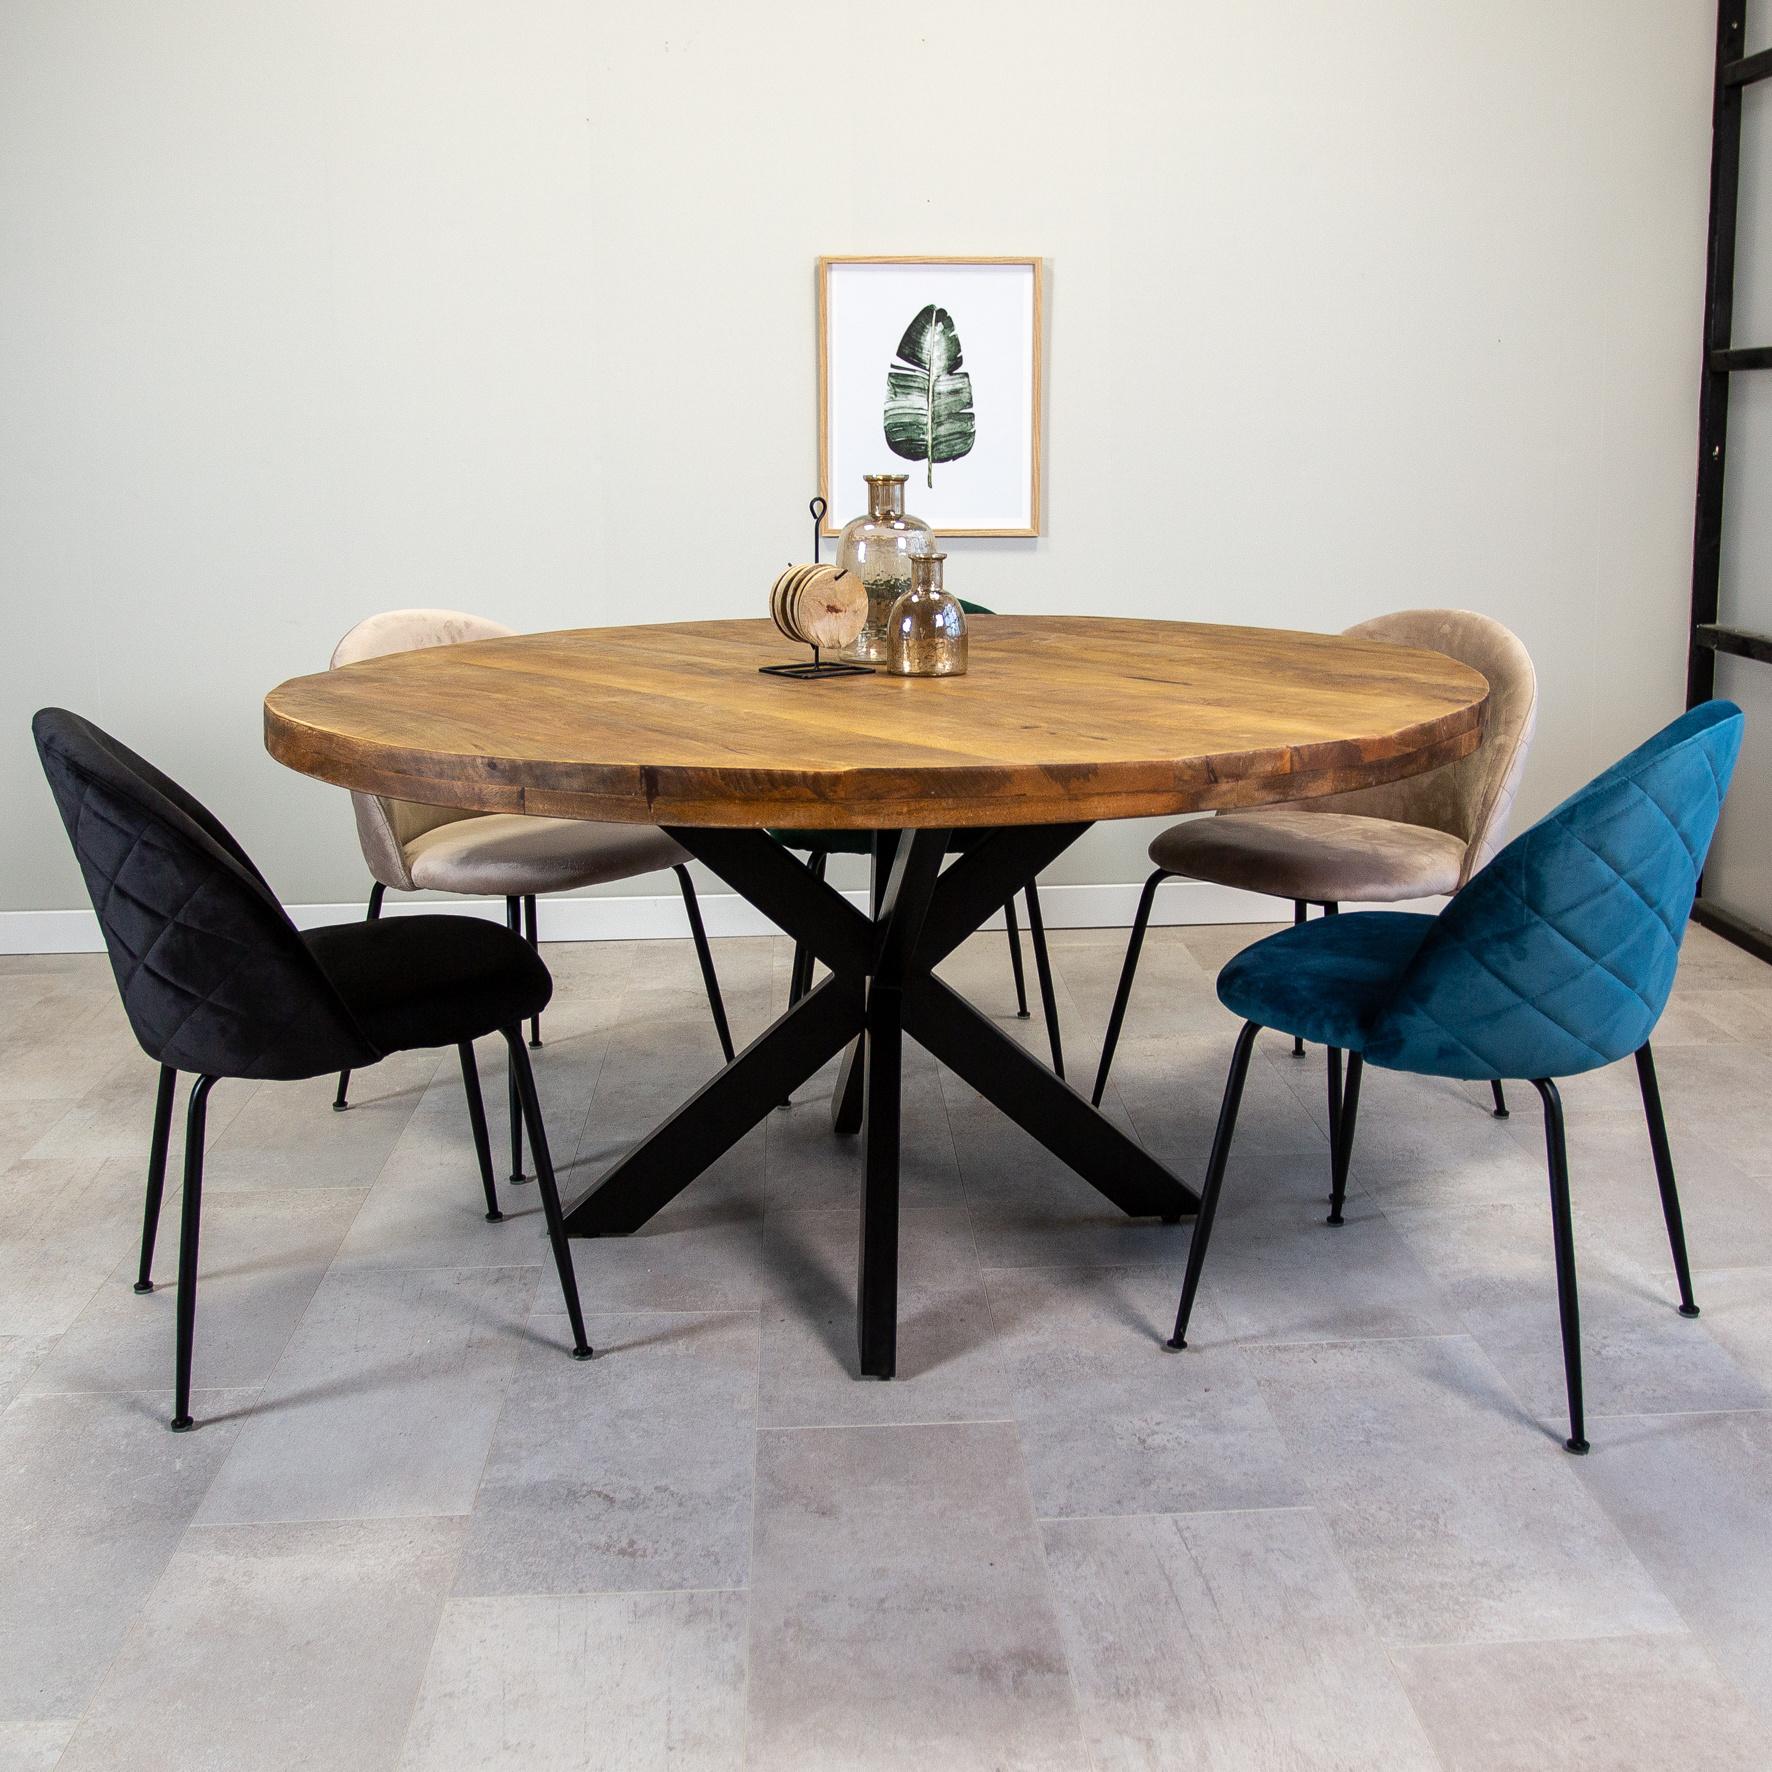 table salle a manger industrielle ronde o150 cm i livraison gratuite